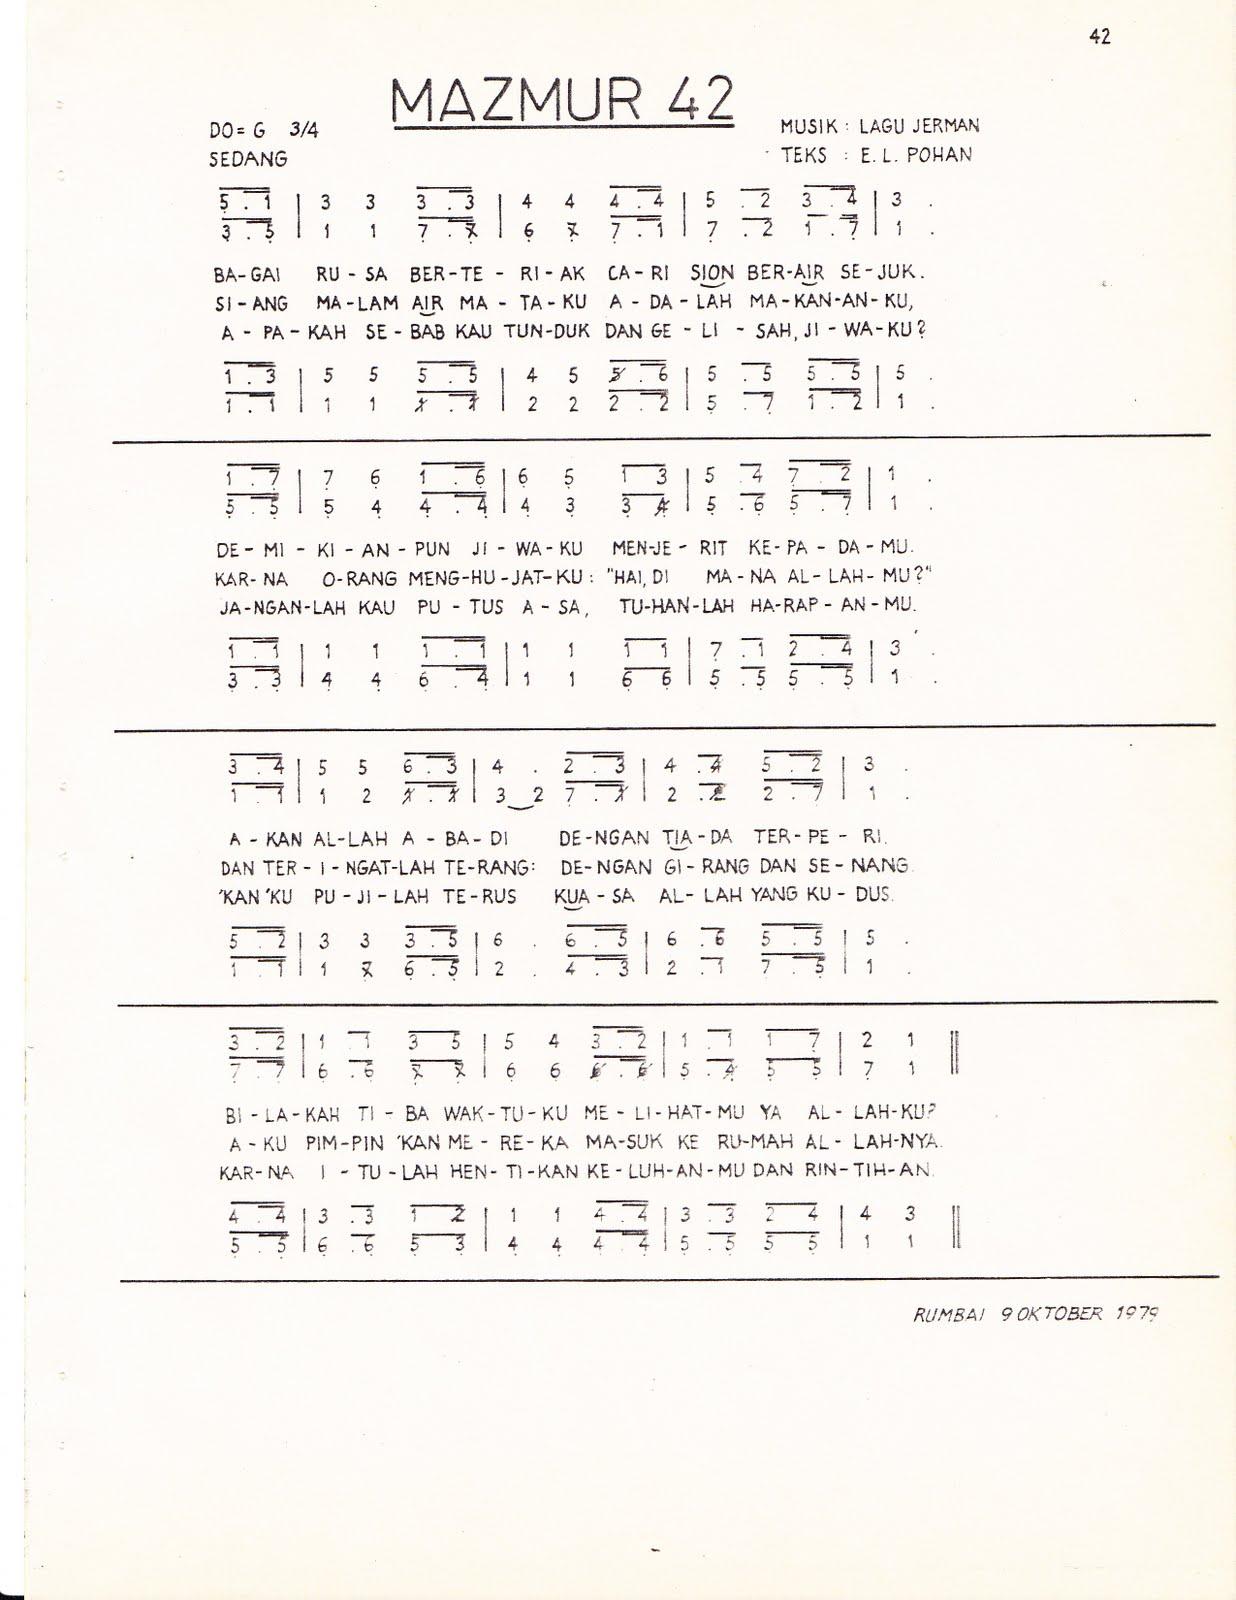 MAZMUR 42, Lagu Jerman, Teks: E. L. Pohan